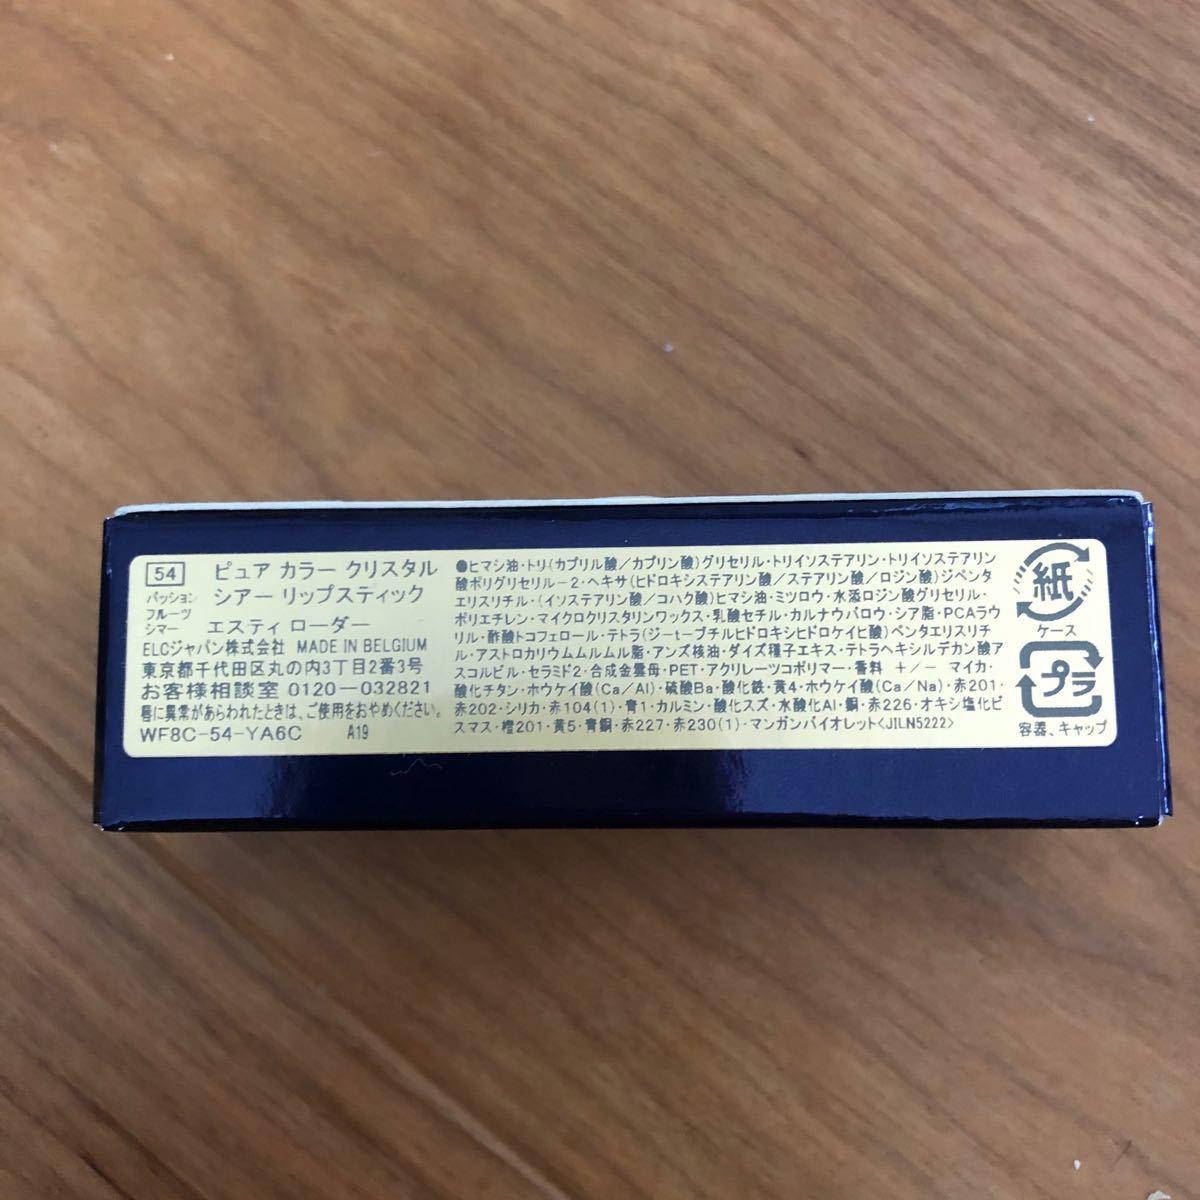 新品 エスティローダー ESTEE LAUDER ピュアカラークリスタルシアー リップスティック 恋コスメ 婚活リップ リップ